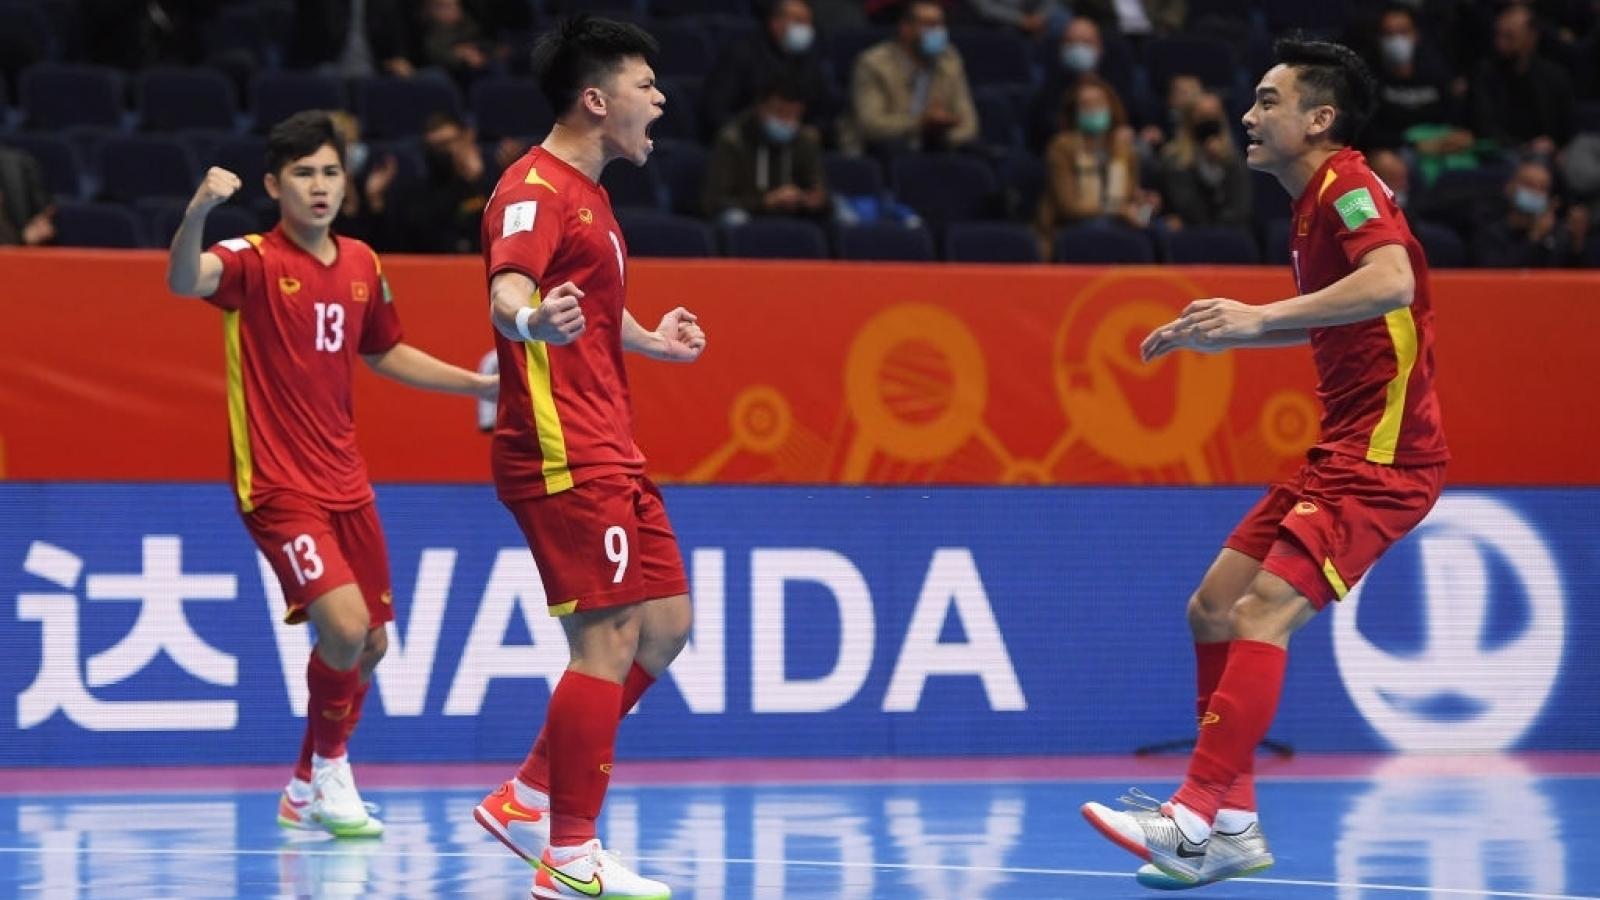 Thua sát nút ĐT Nga, ĐT Futsal Việt Nam rời World Cup trong thế ngẩng cao đầu